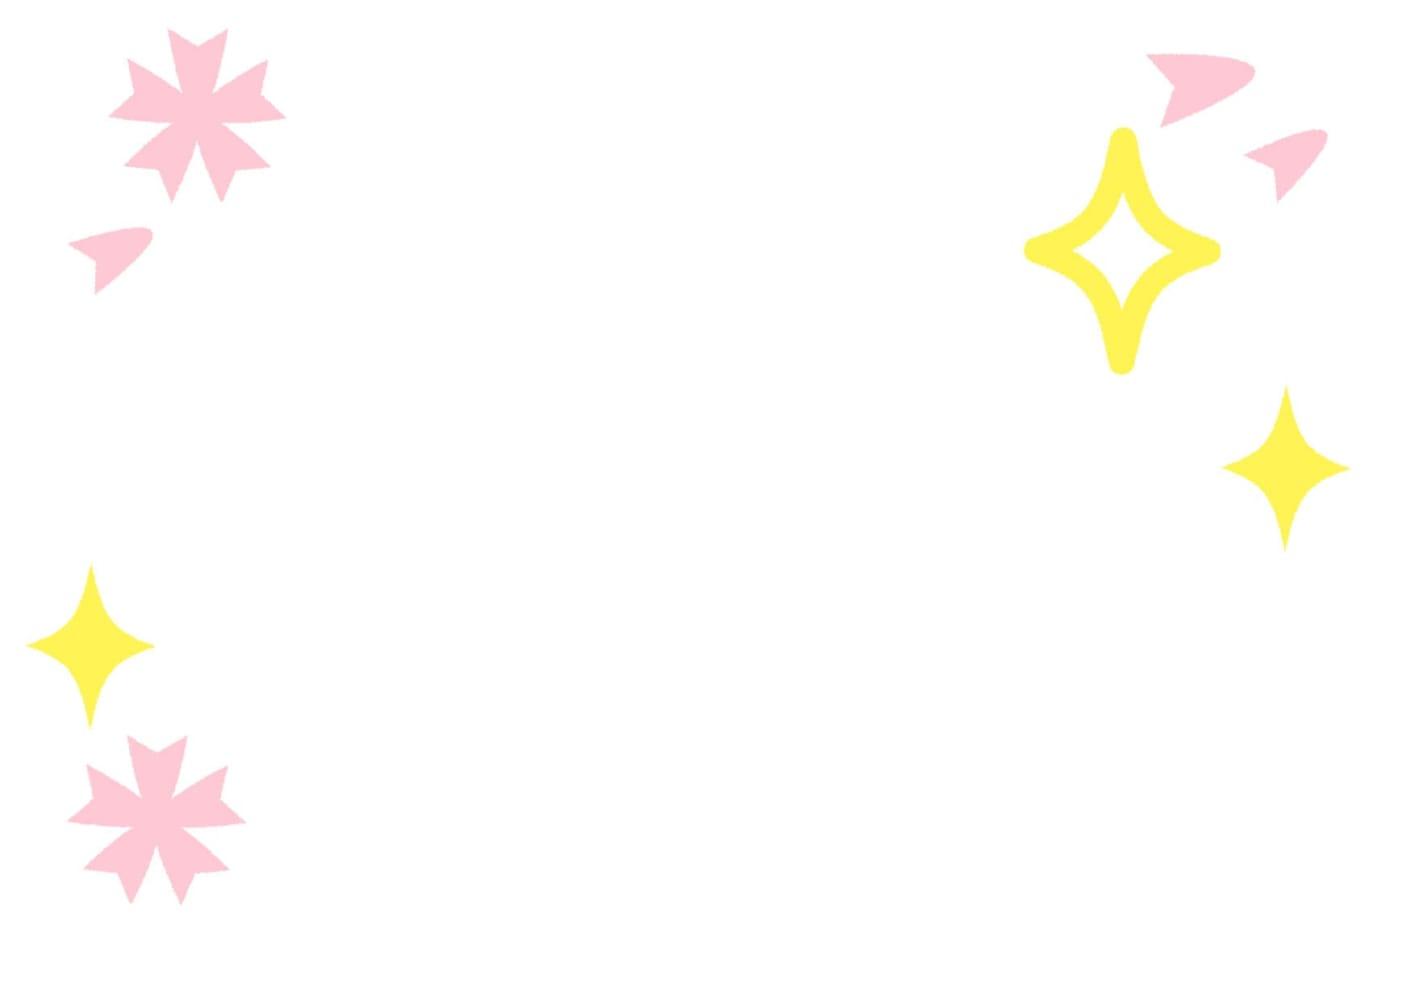 桜 背景 イラスト 無料